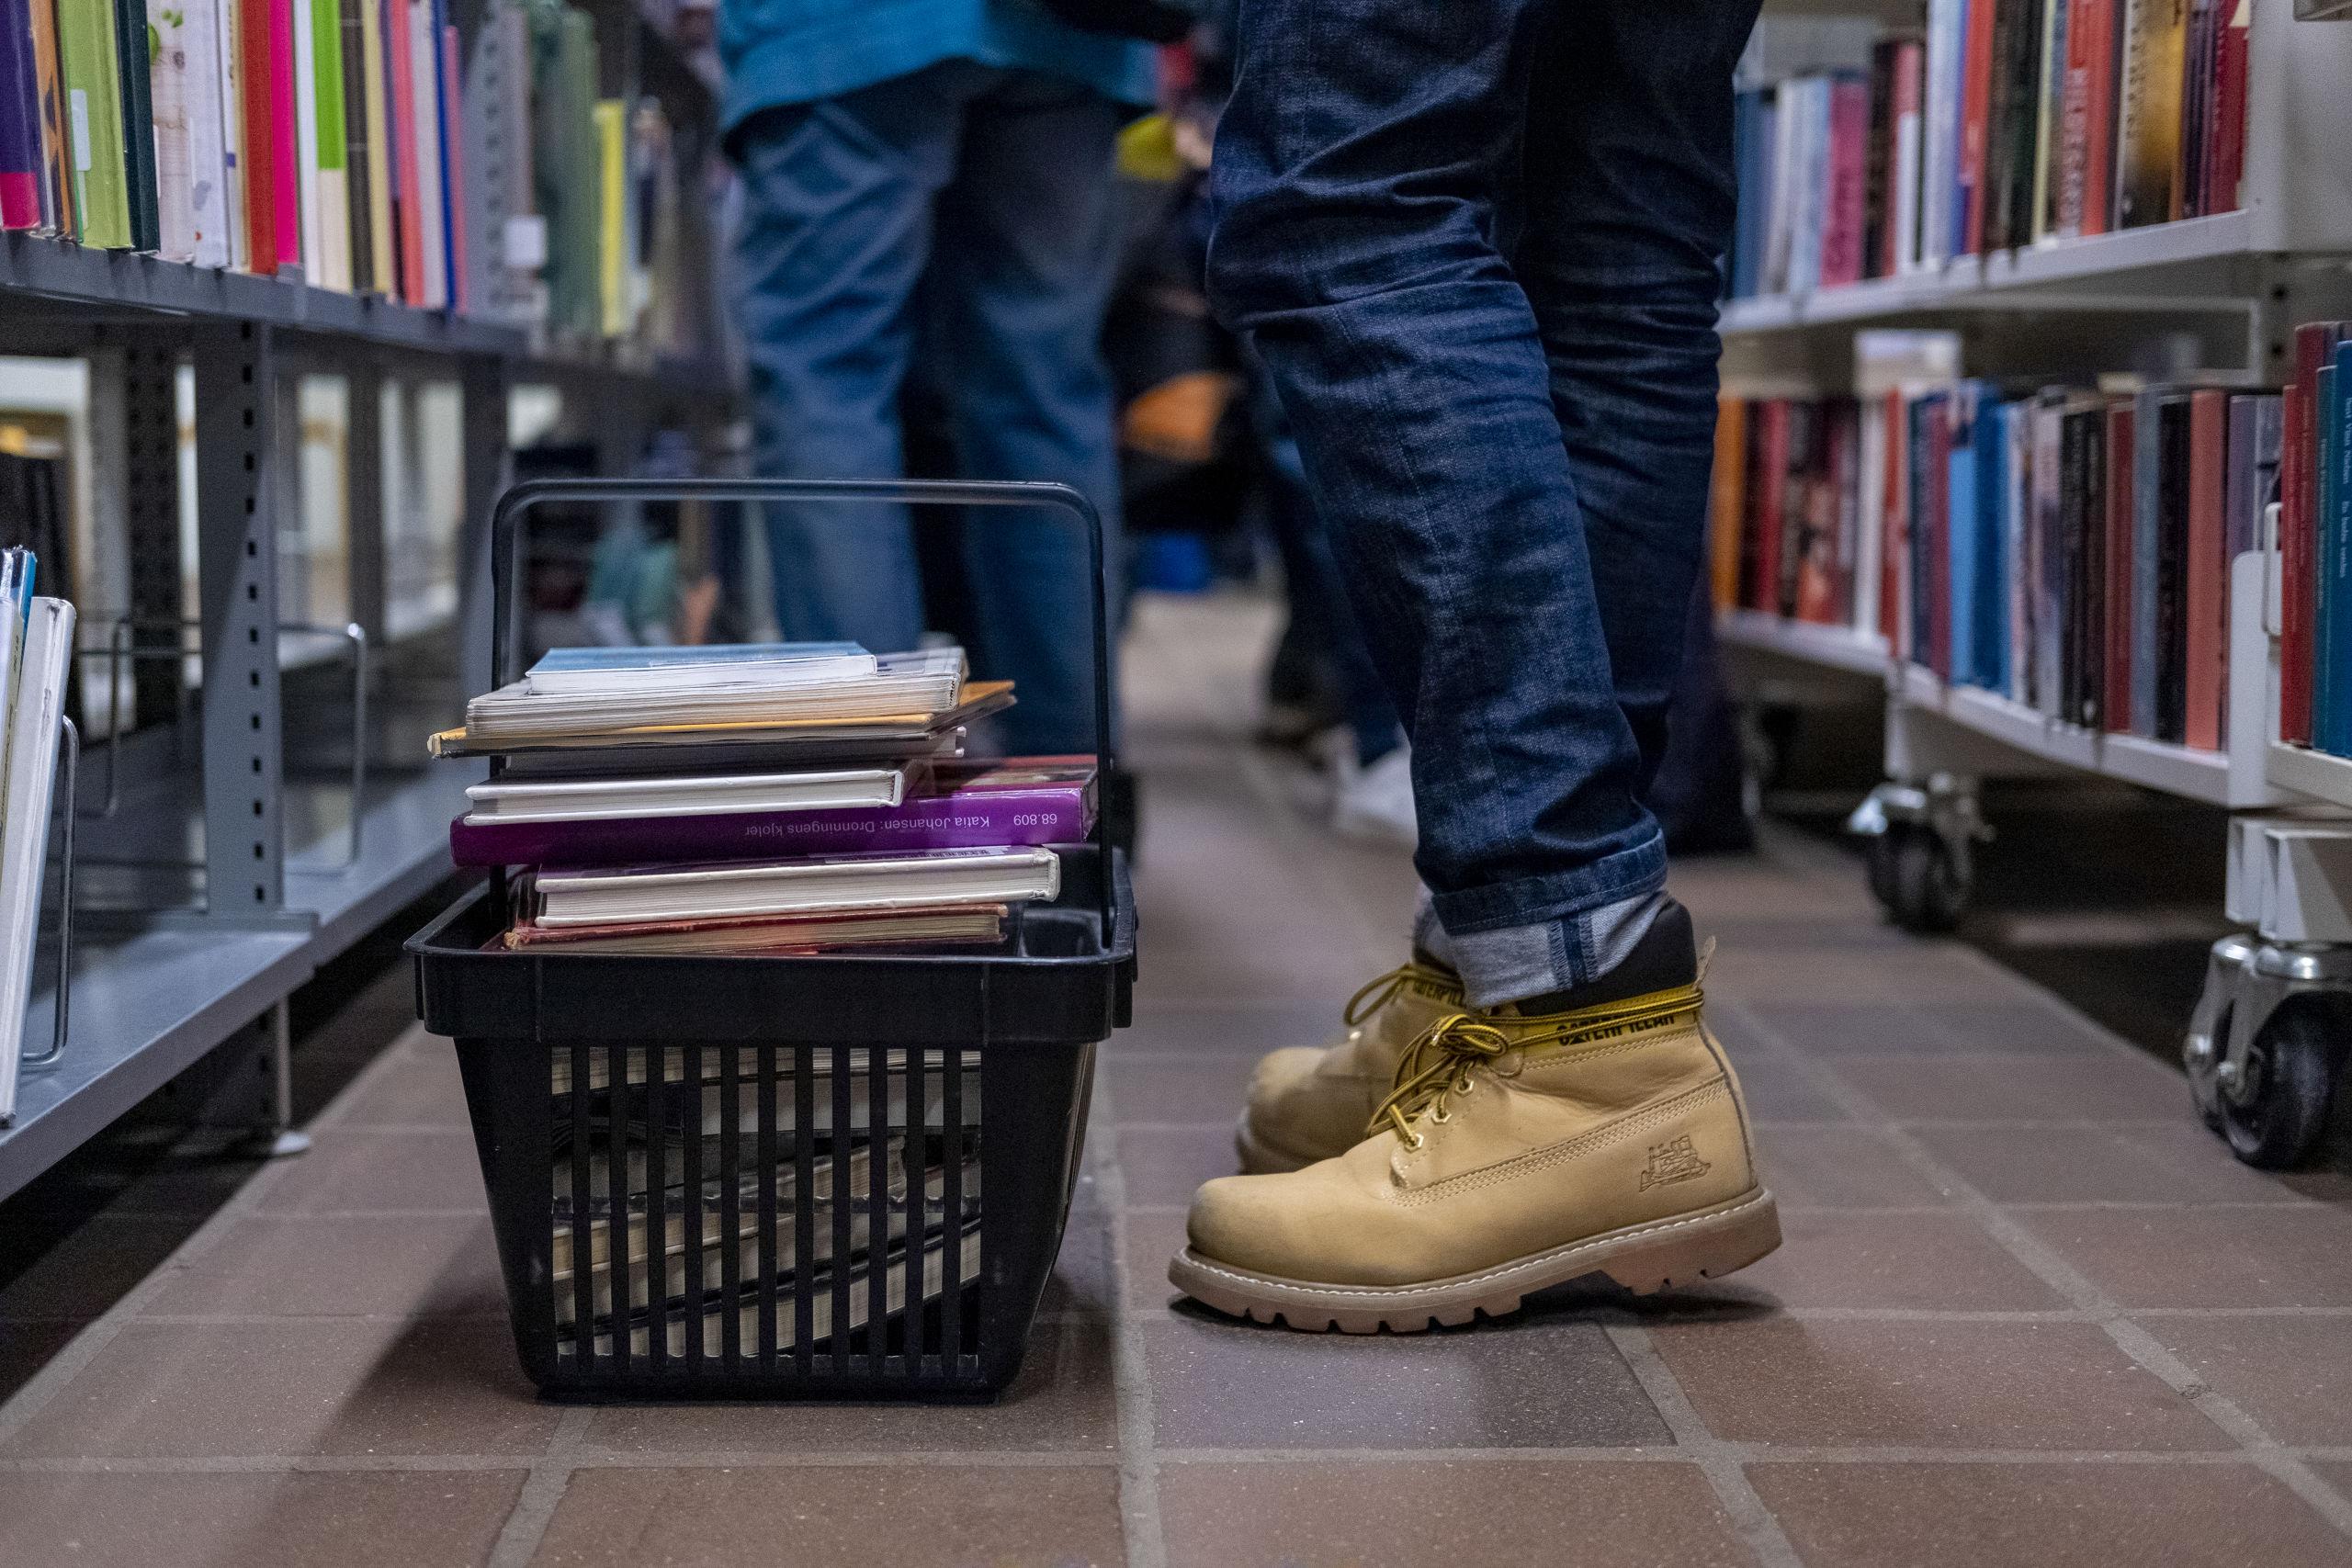 Mange var mødt op for at gøre et kup på bogsalget - som fortsætter fredag og lørdag. Foto: Lasse Sand